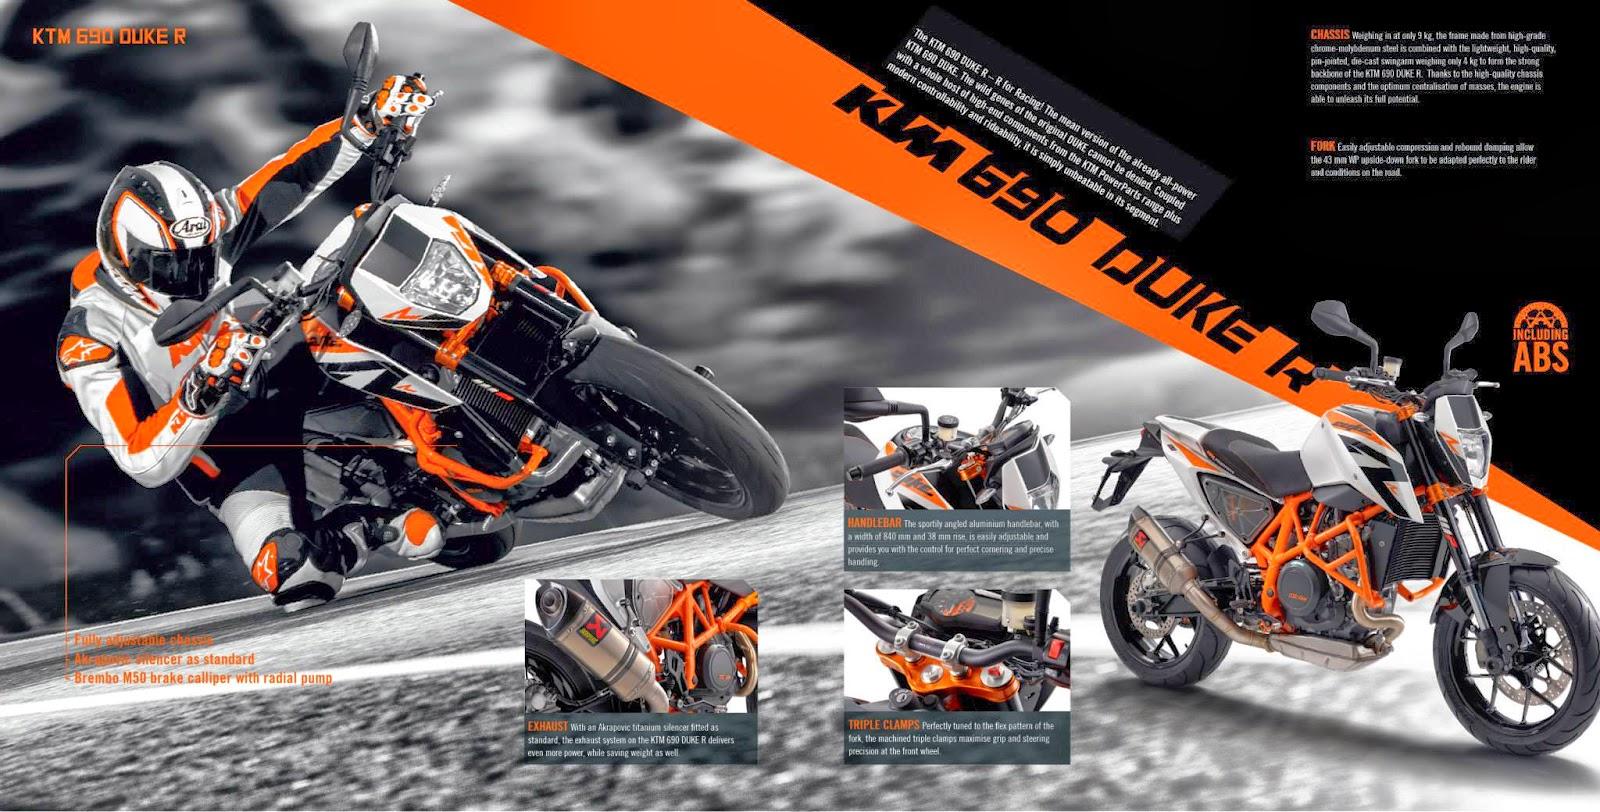 KTM DUKE 690 R 2014 - Di Reka Untuk Perlumbaan